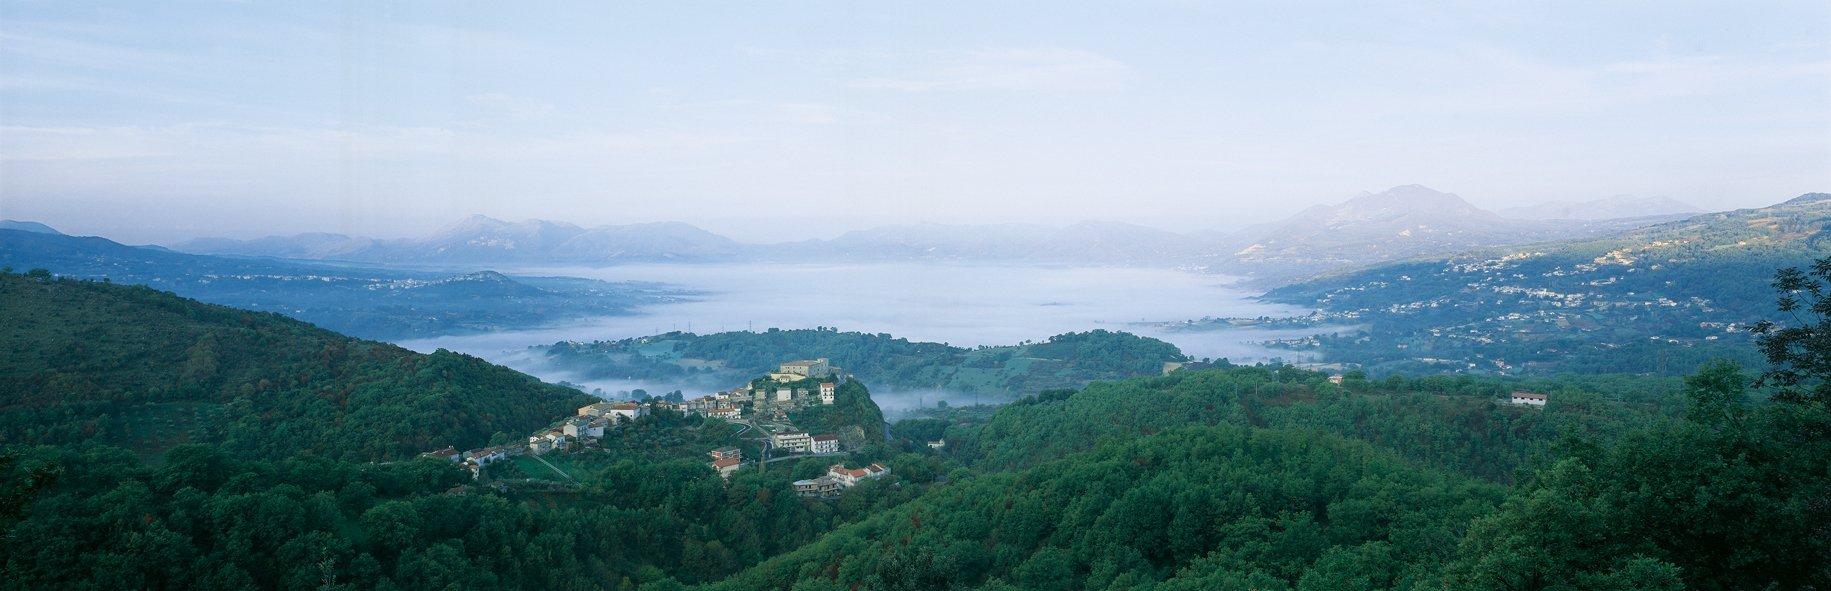 vista della vallata con la nebbia